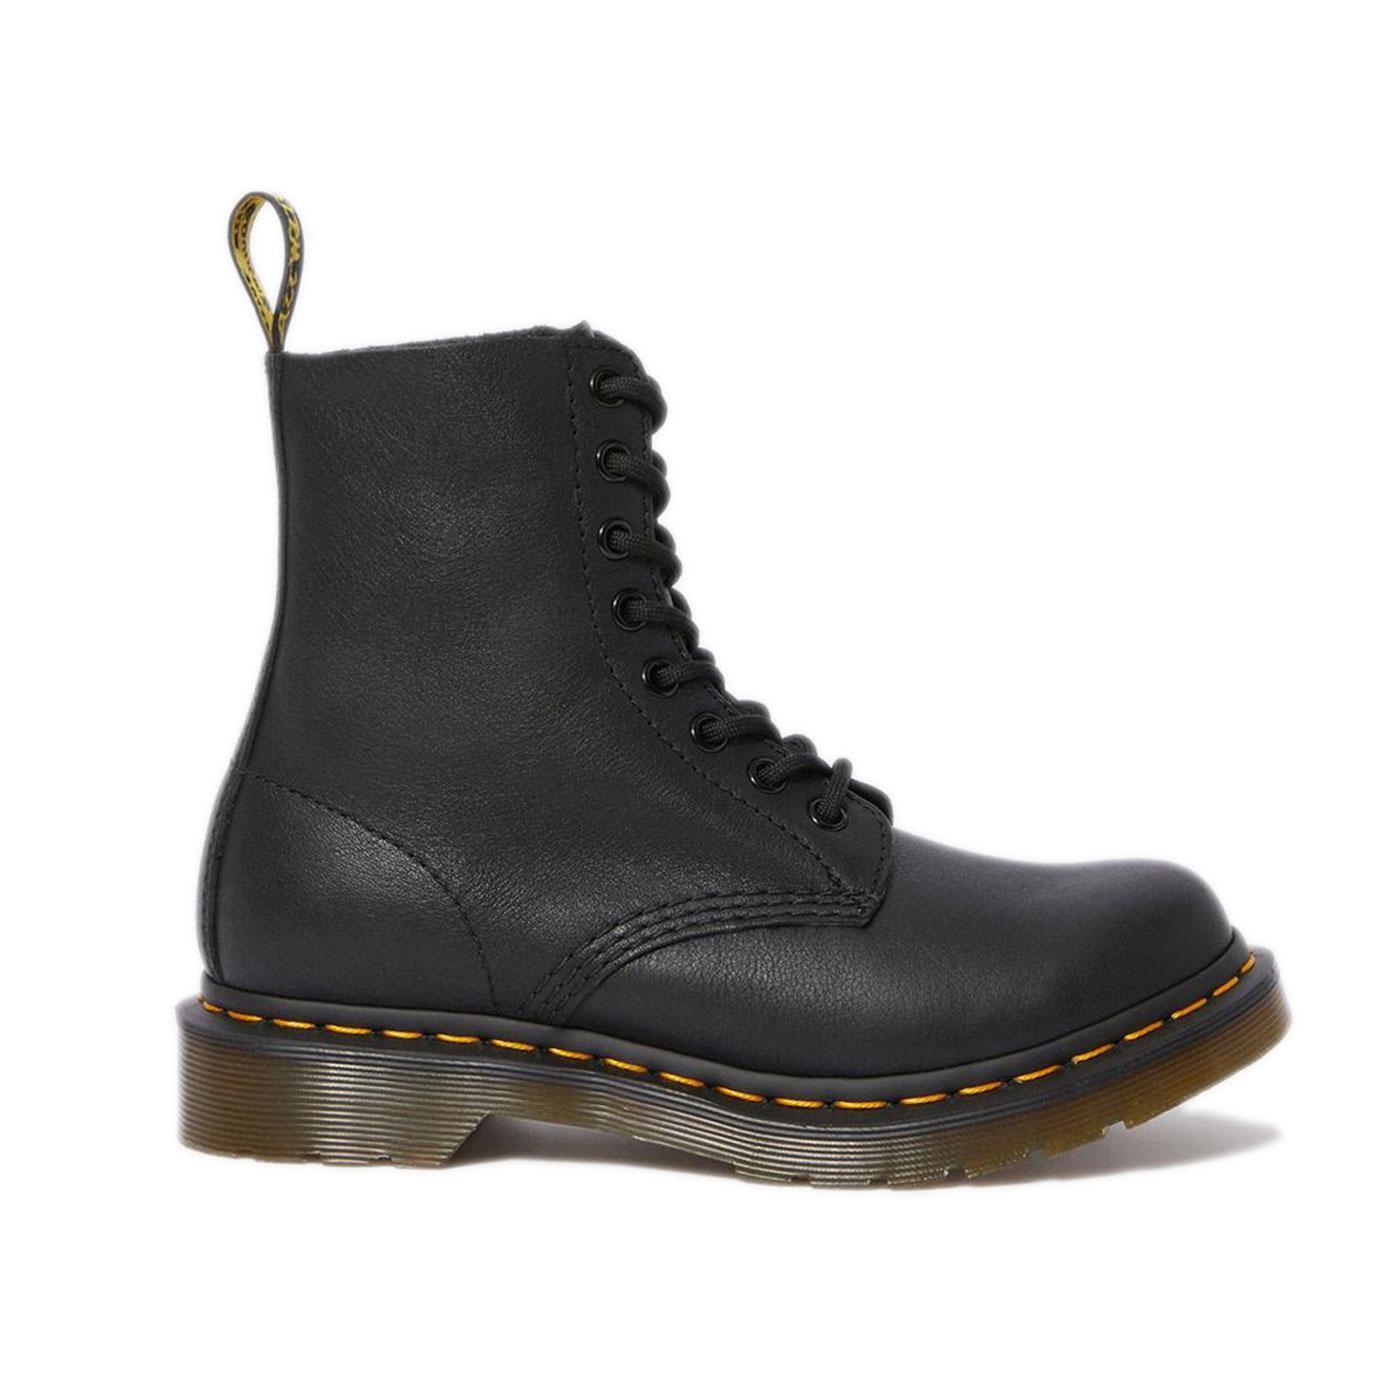 1460 Pascal Virginia DR MARTENS Women's Boots B